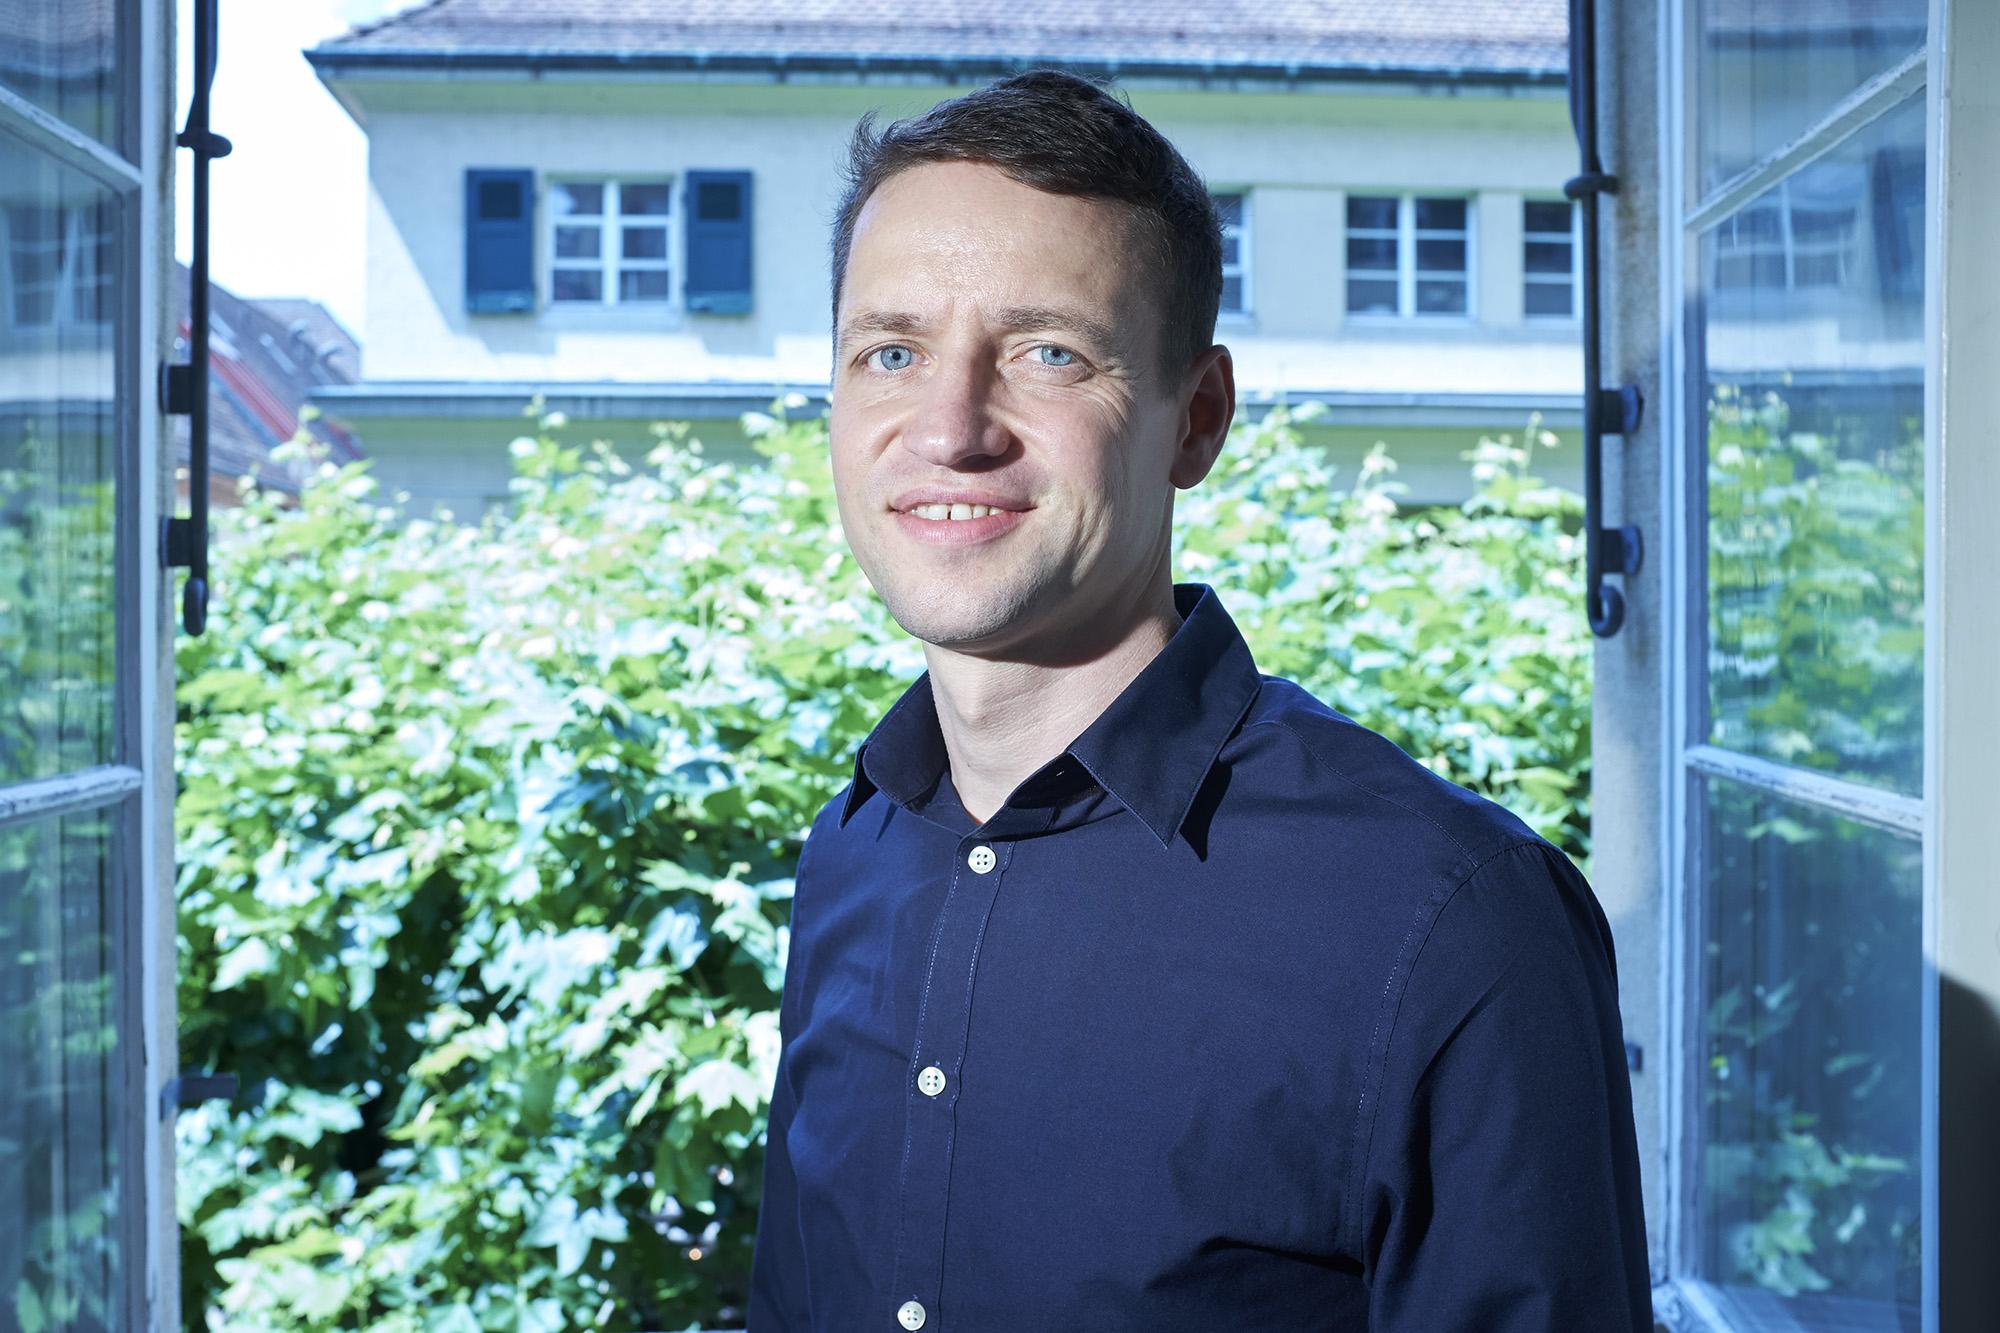 Lars Hering ist seit  2017 Leiter der Berufsbildung Basel-Stadt. Vorher war er 13 Jahre lang Berufsberater in Baselland.